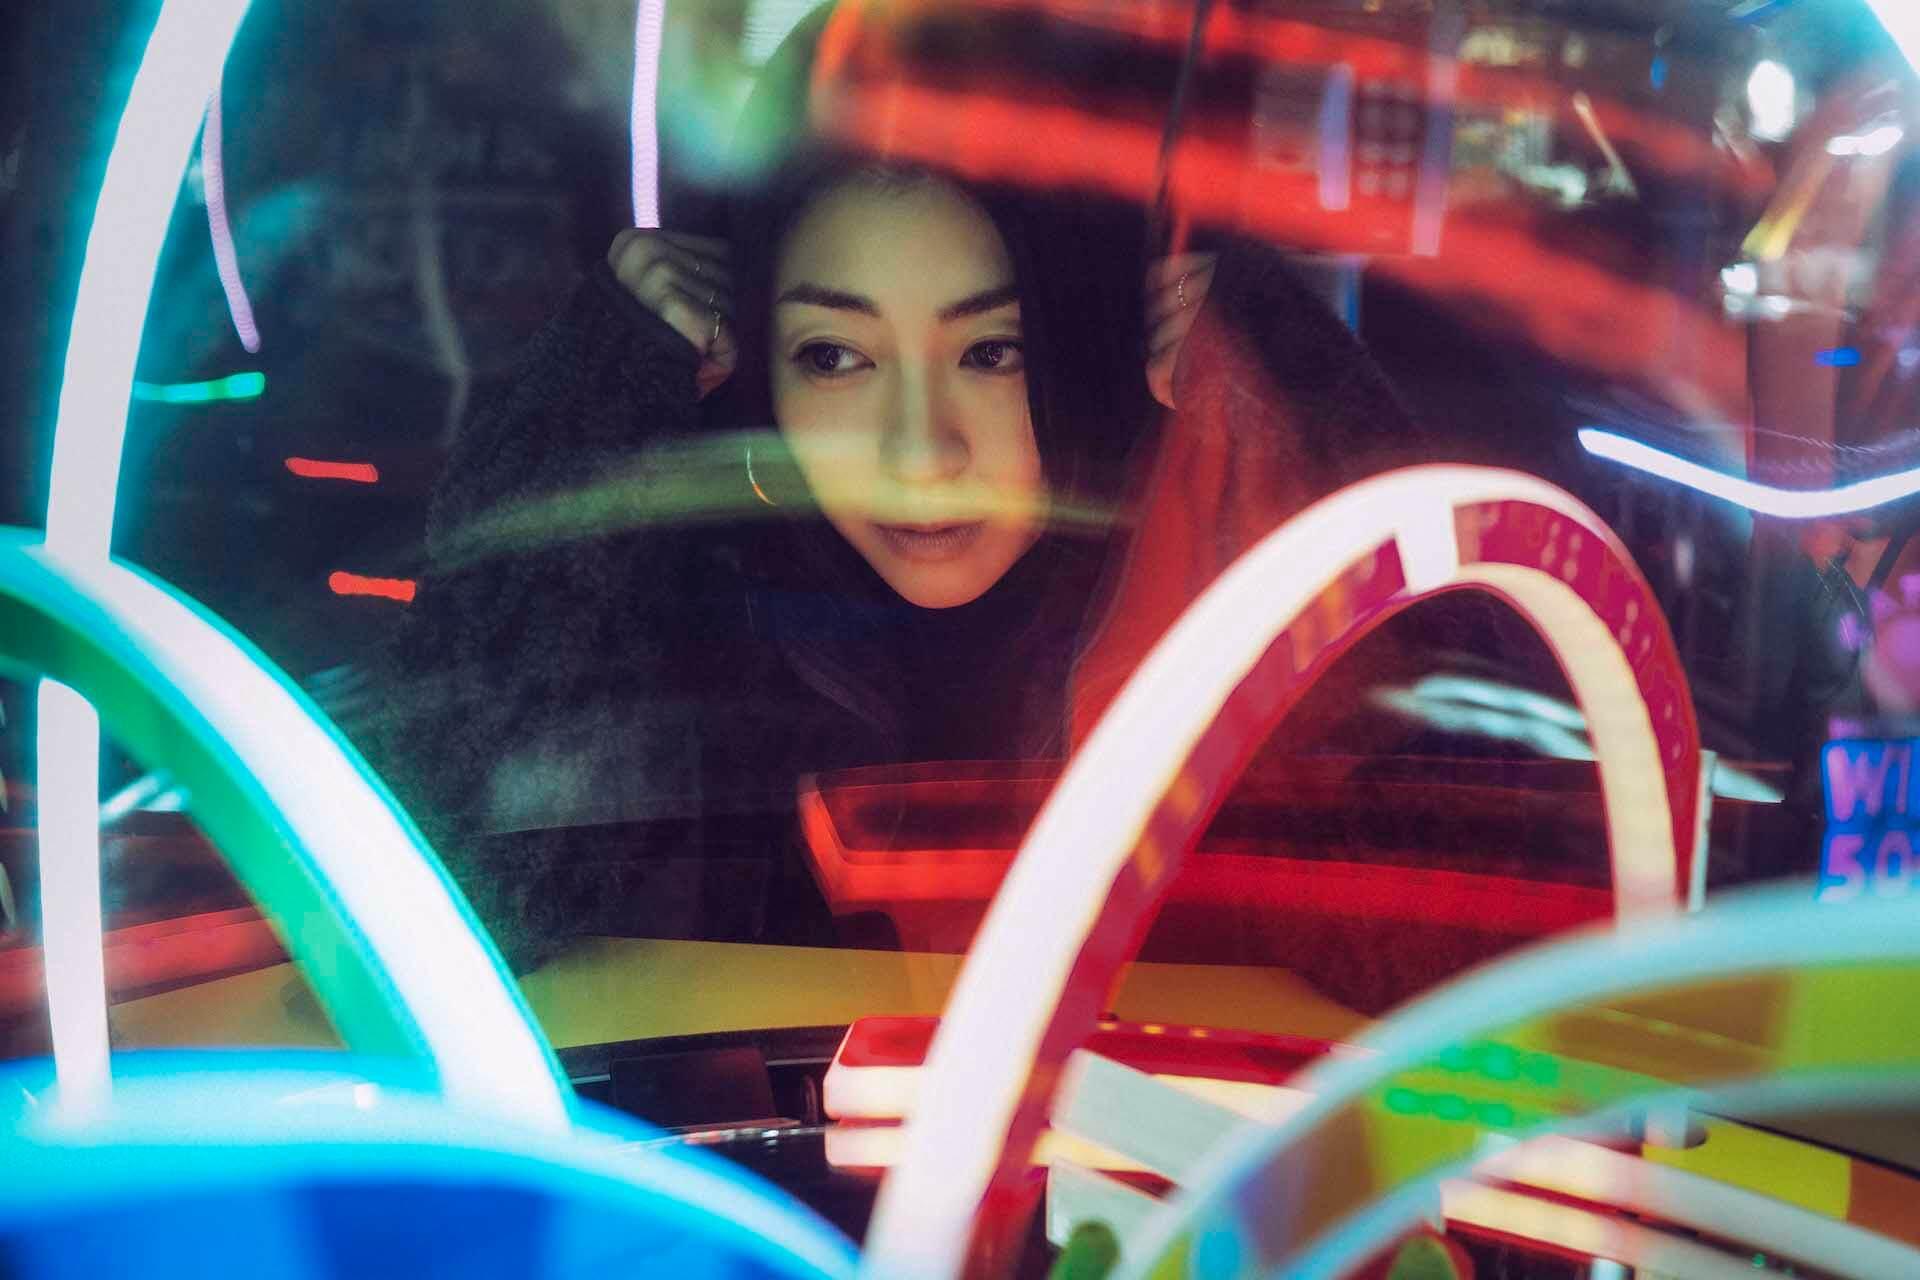 """宇多田ヒカル""""One Last Kiss""""の快進撃が続く!MVがiTunes、Mora、レコチョクのデイリー・リアルタイムランキングで1位 music210401_utadahikaru_5"""